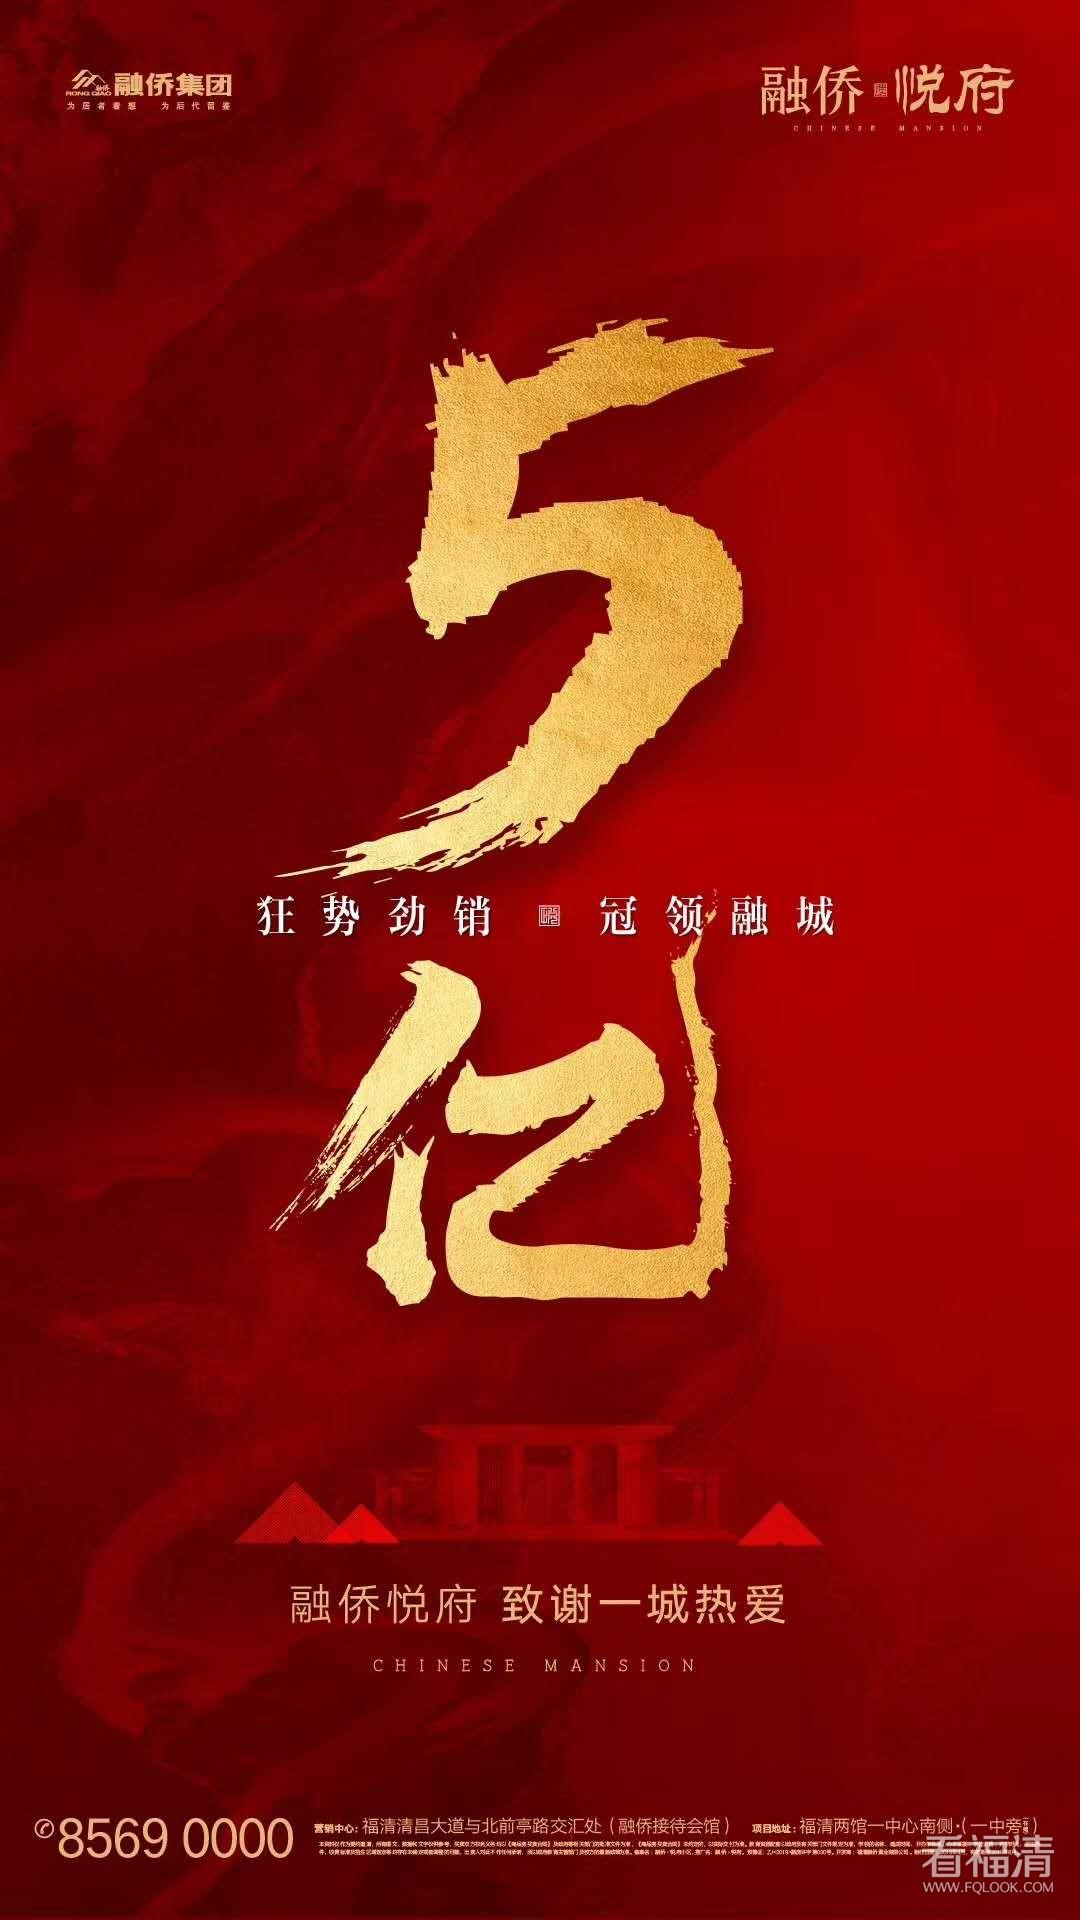 【融侨悦府】最后3栋,开盘劲销破5亿